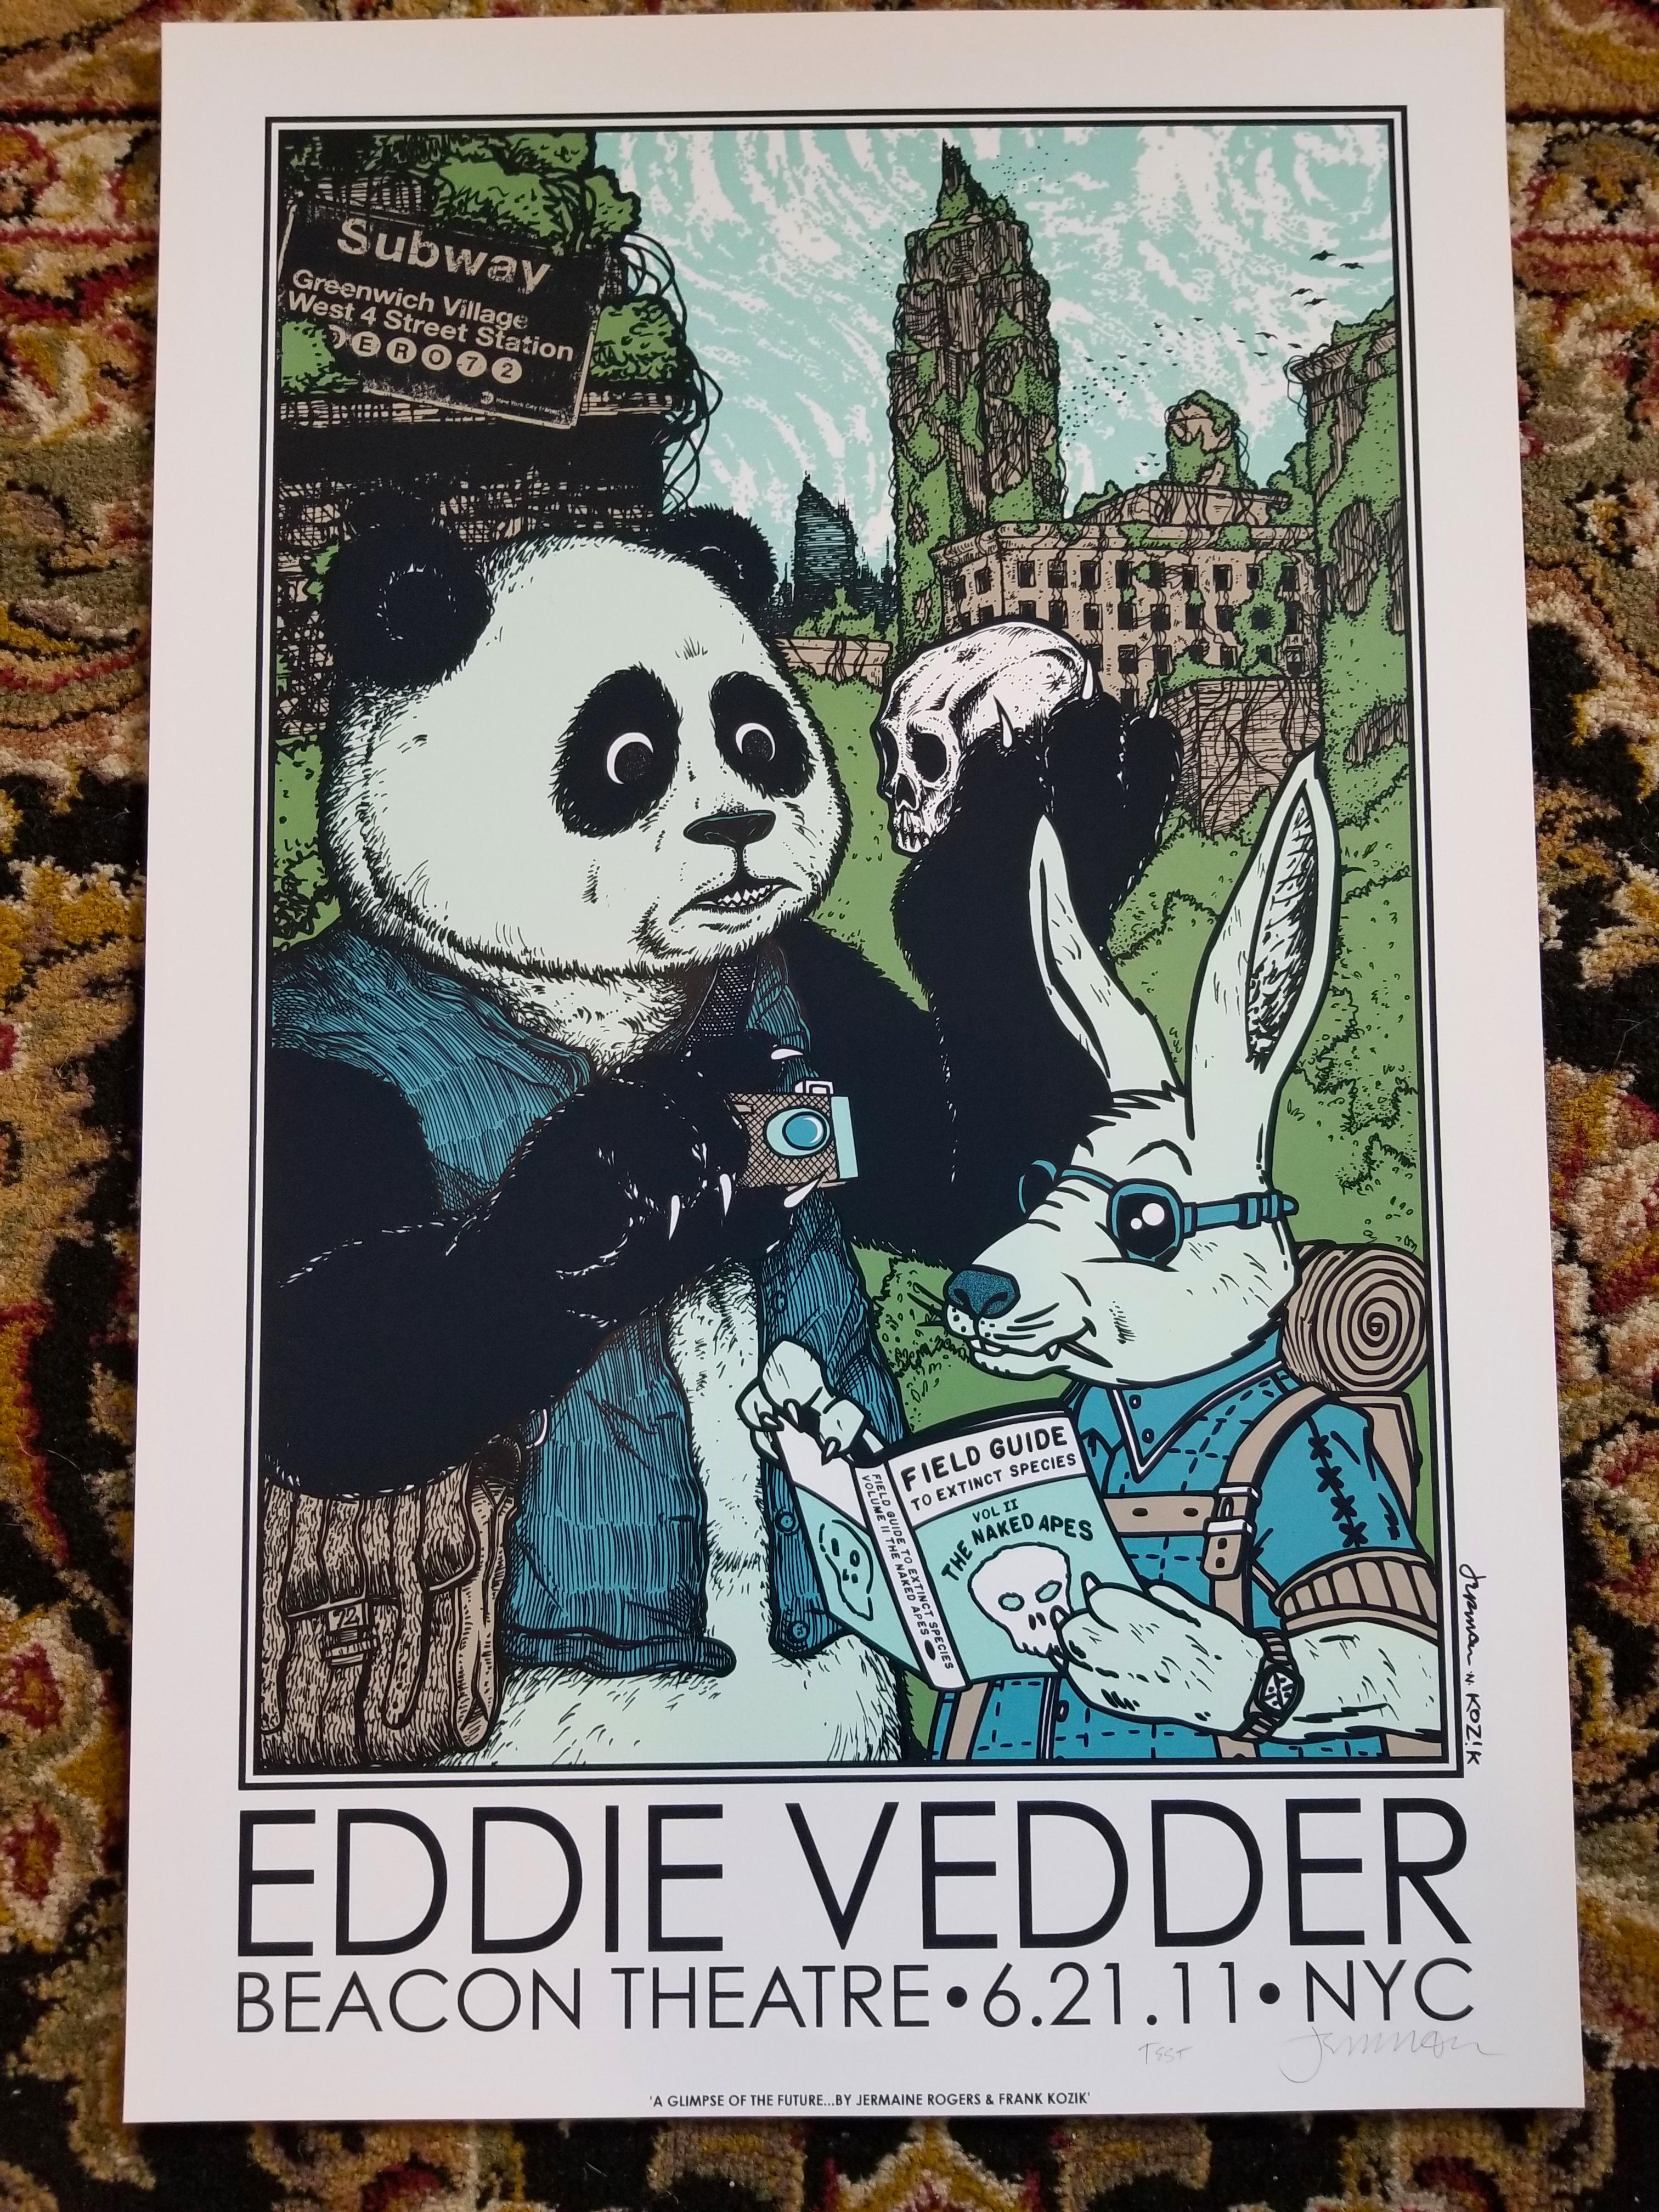 EDDIE VEDDER (2011) NYC (TEST PRINTS)